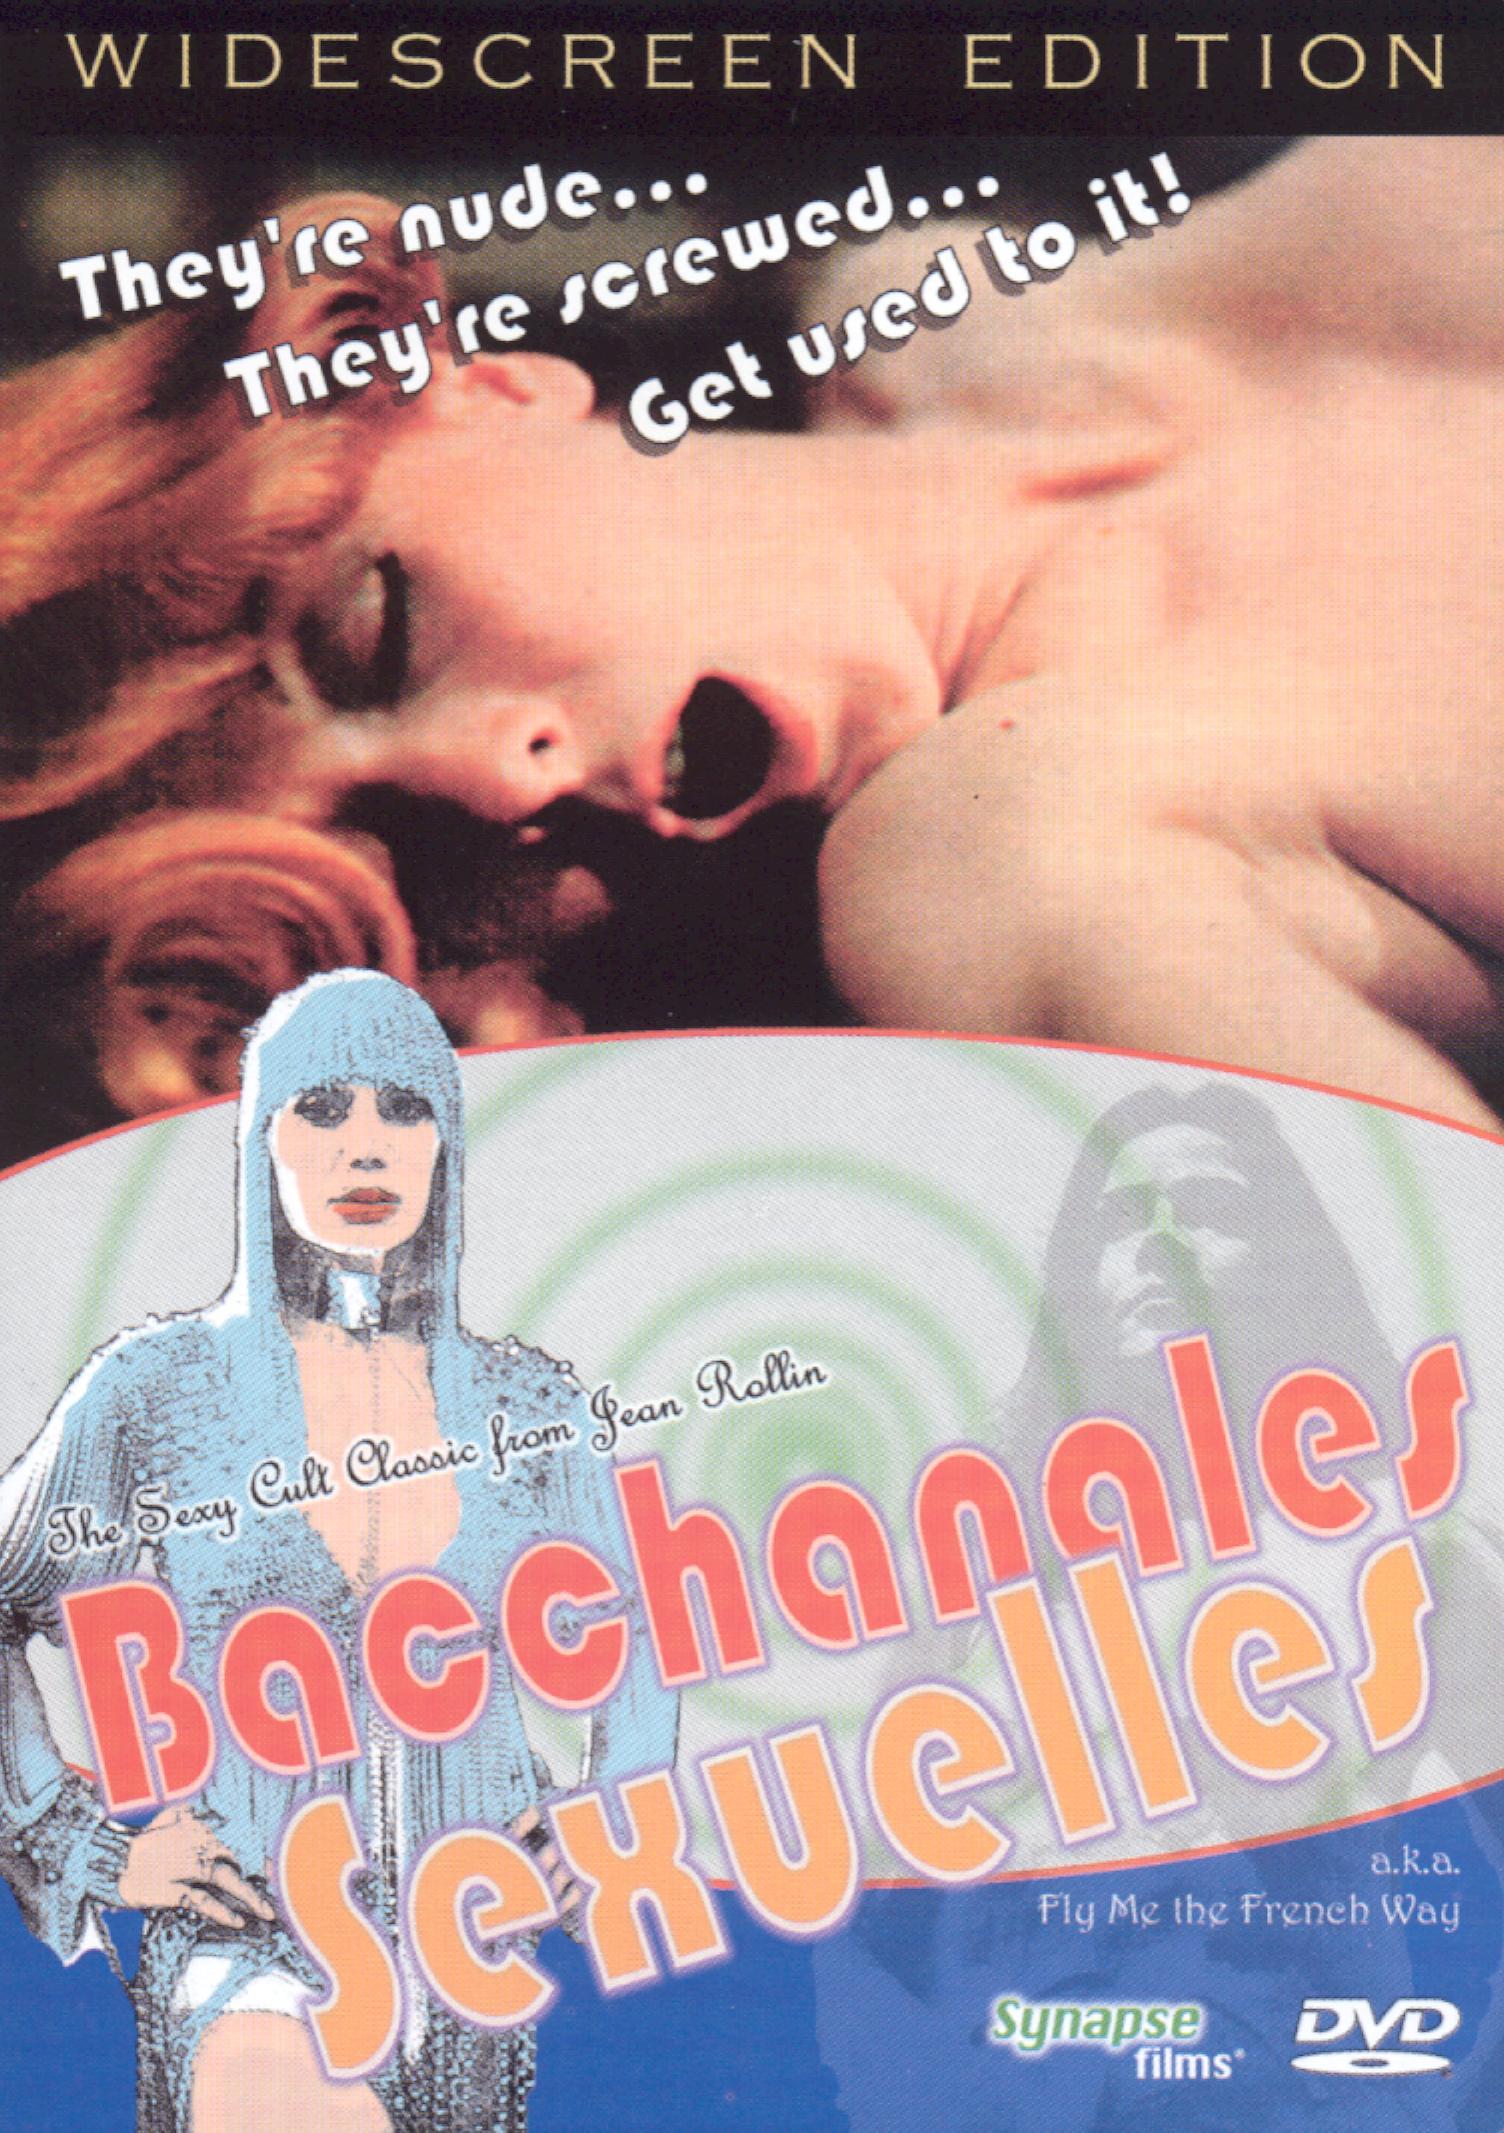 Смотреть онлайн сексуальная вакханалия bacchanales sexuelles 1 фотография